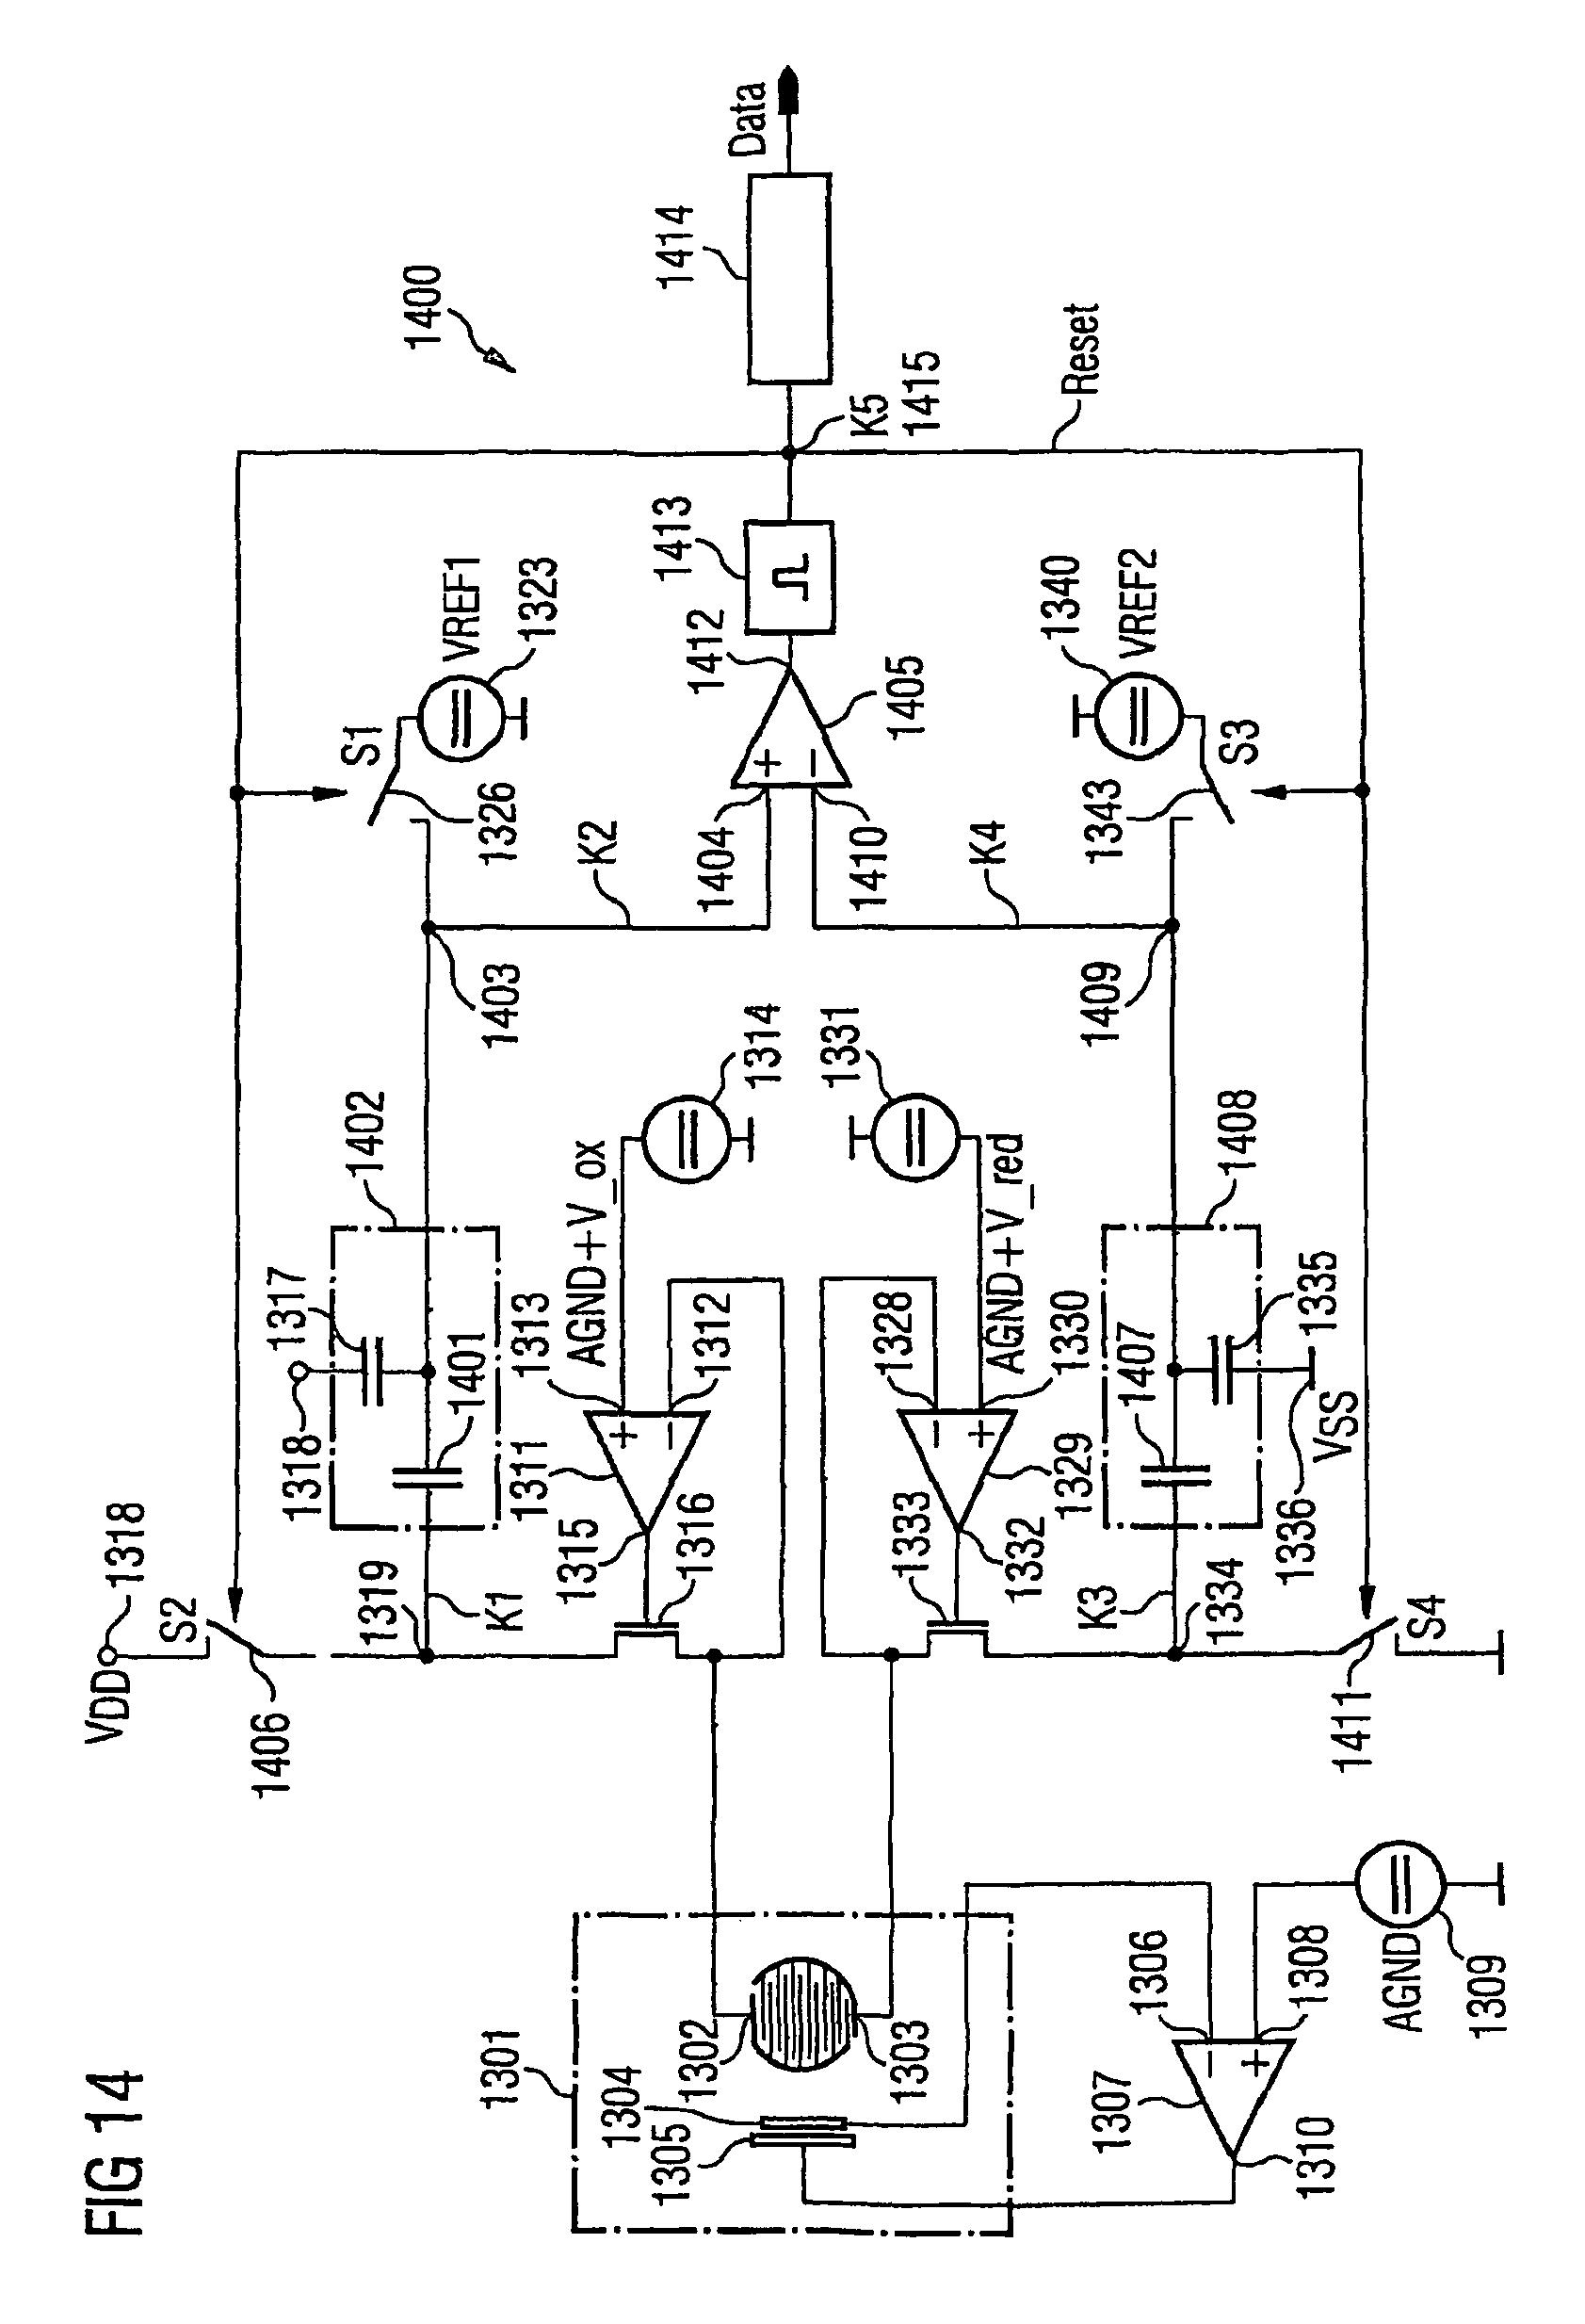 patent us7914655